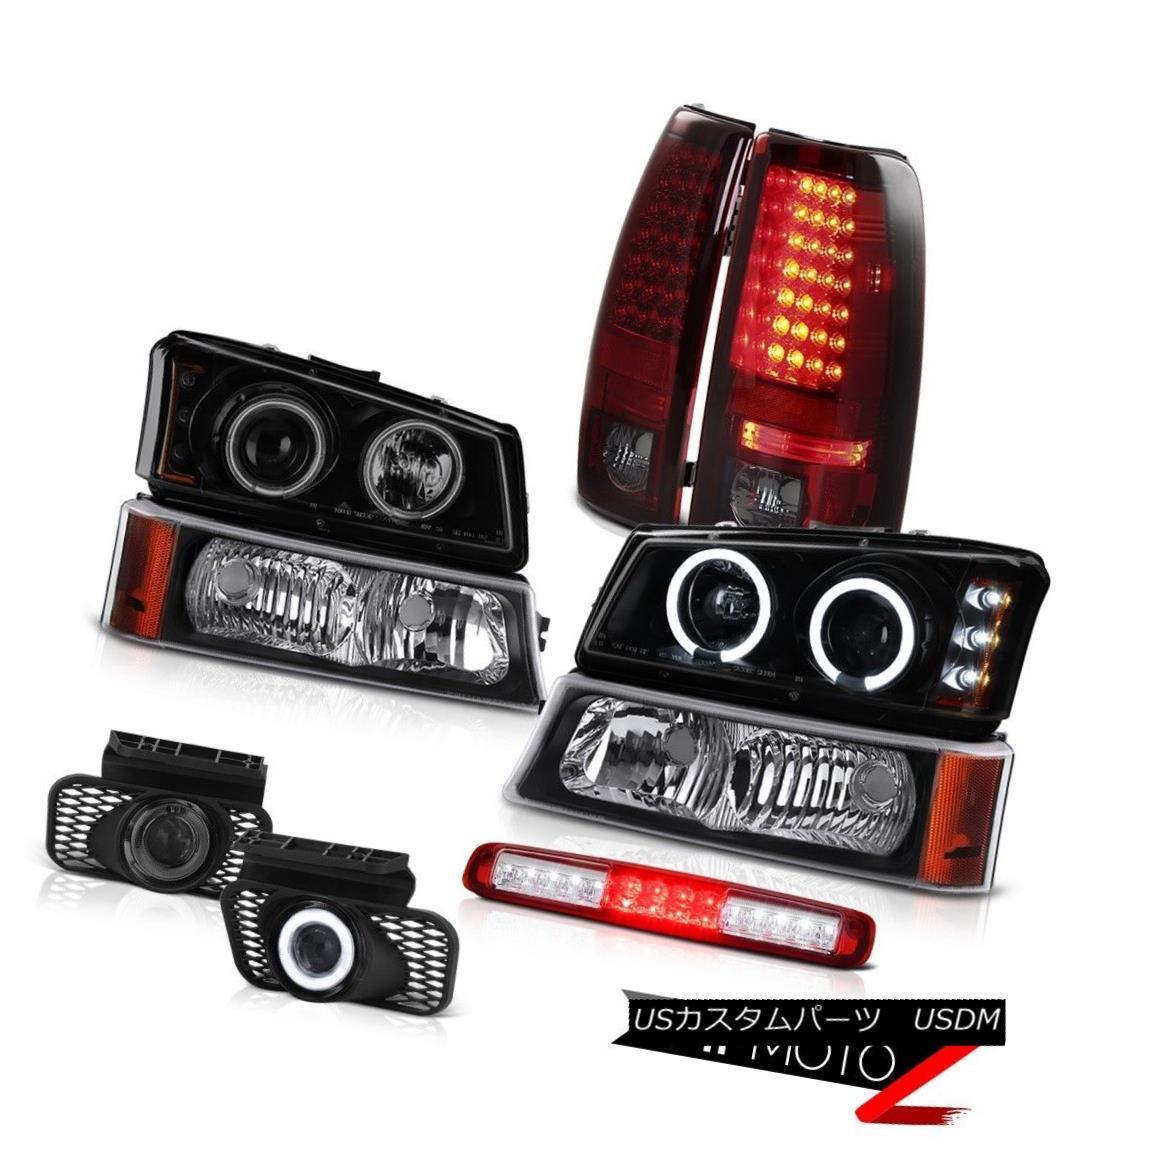 テールライト 03-06 Silverado Black Parking Light Third Brake Fog Lamps Headlamps Tail Lights 03-06シルバラードブラックパーキングライトサードブレーキフォグランプヘッドランプテールライト